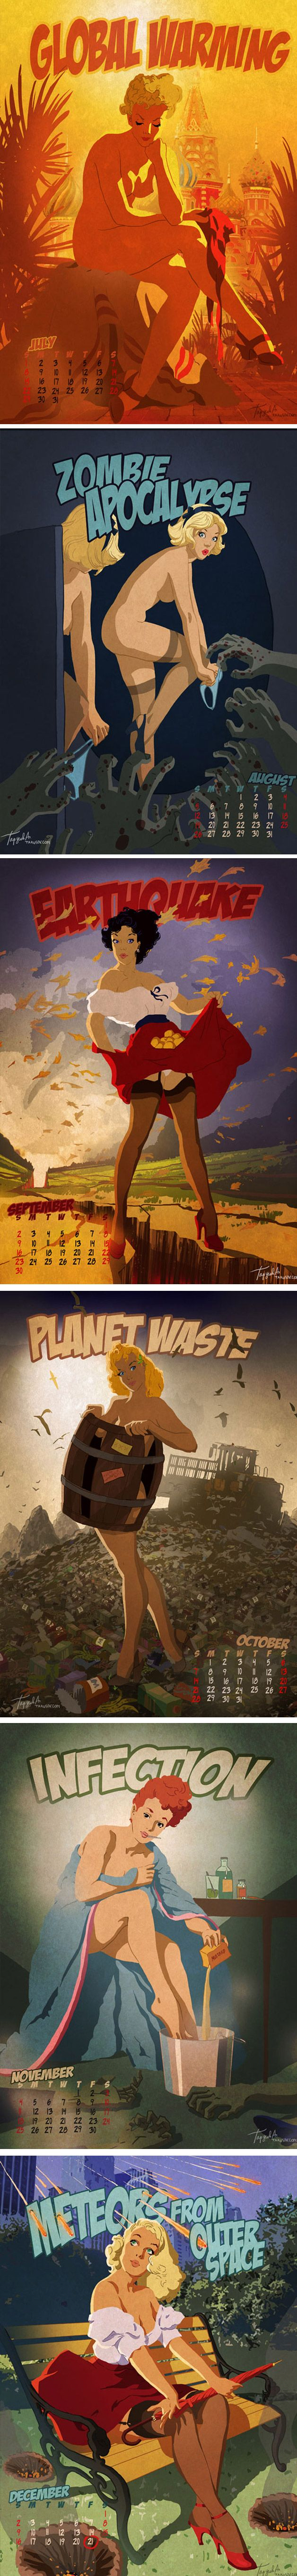 O artista russoAndrew Tarusov criou um calendário do apocalipse mostrando a cada mês os prováveis acontecimentos que mudarão o mundo no dia 21/12/2012. Acreditar ou achar uma besteira, não importa. O que importa é que ficou muito legal o trabalho e as artes.      ...